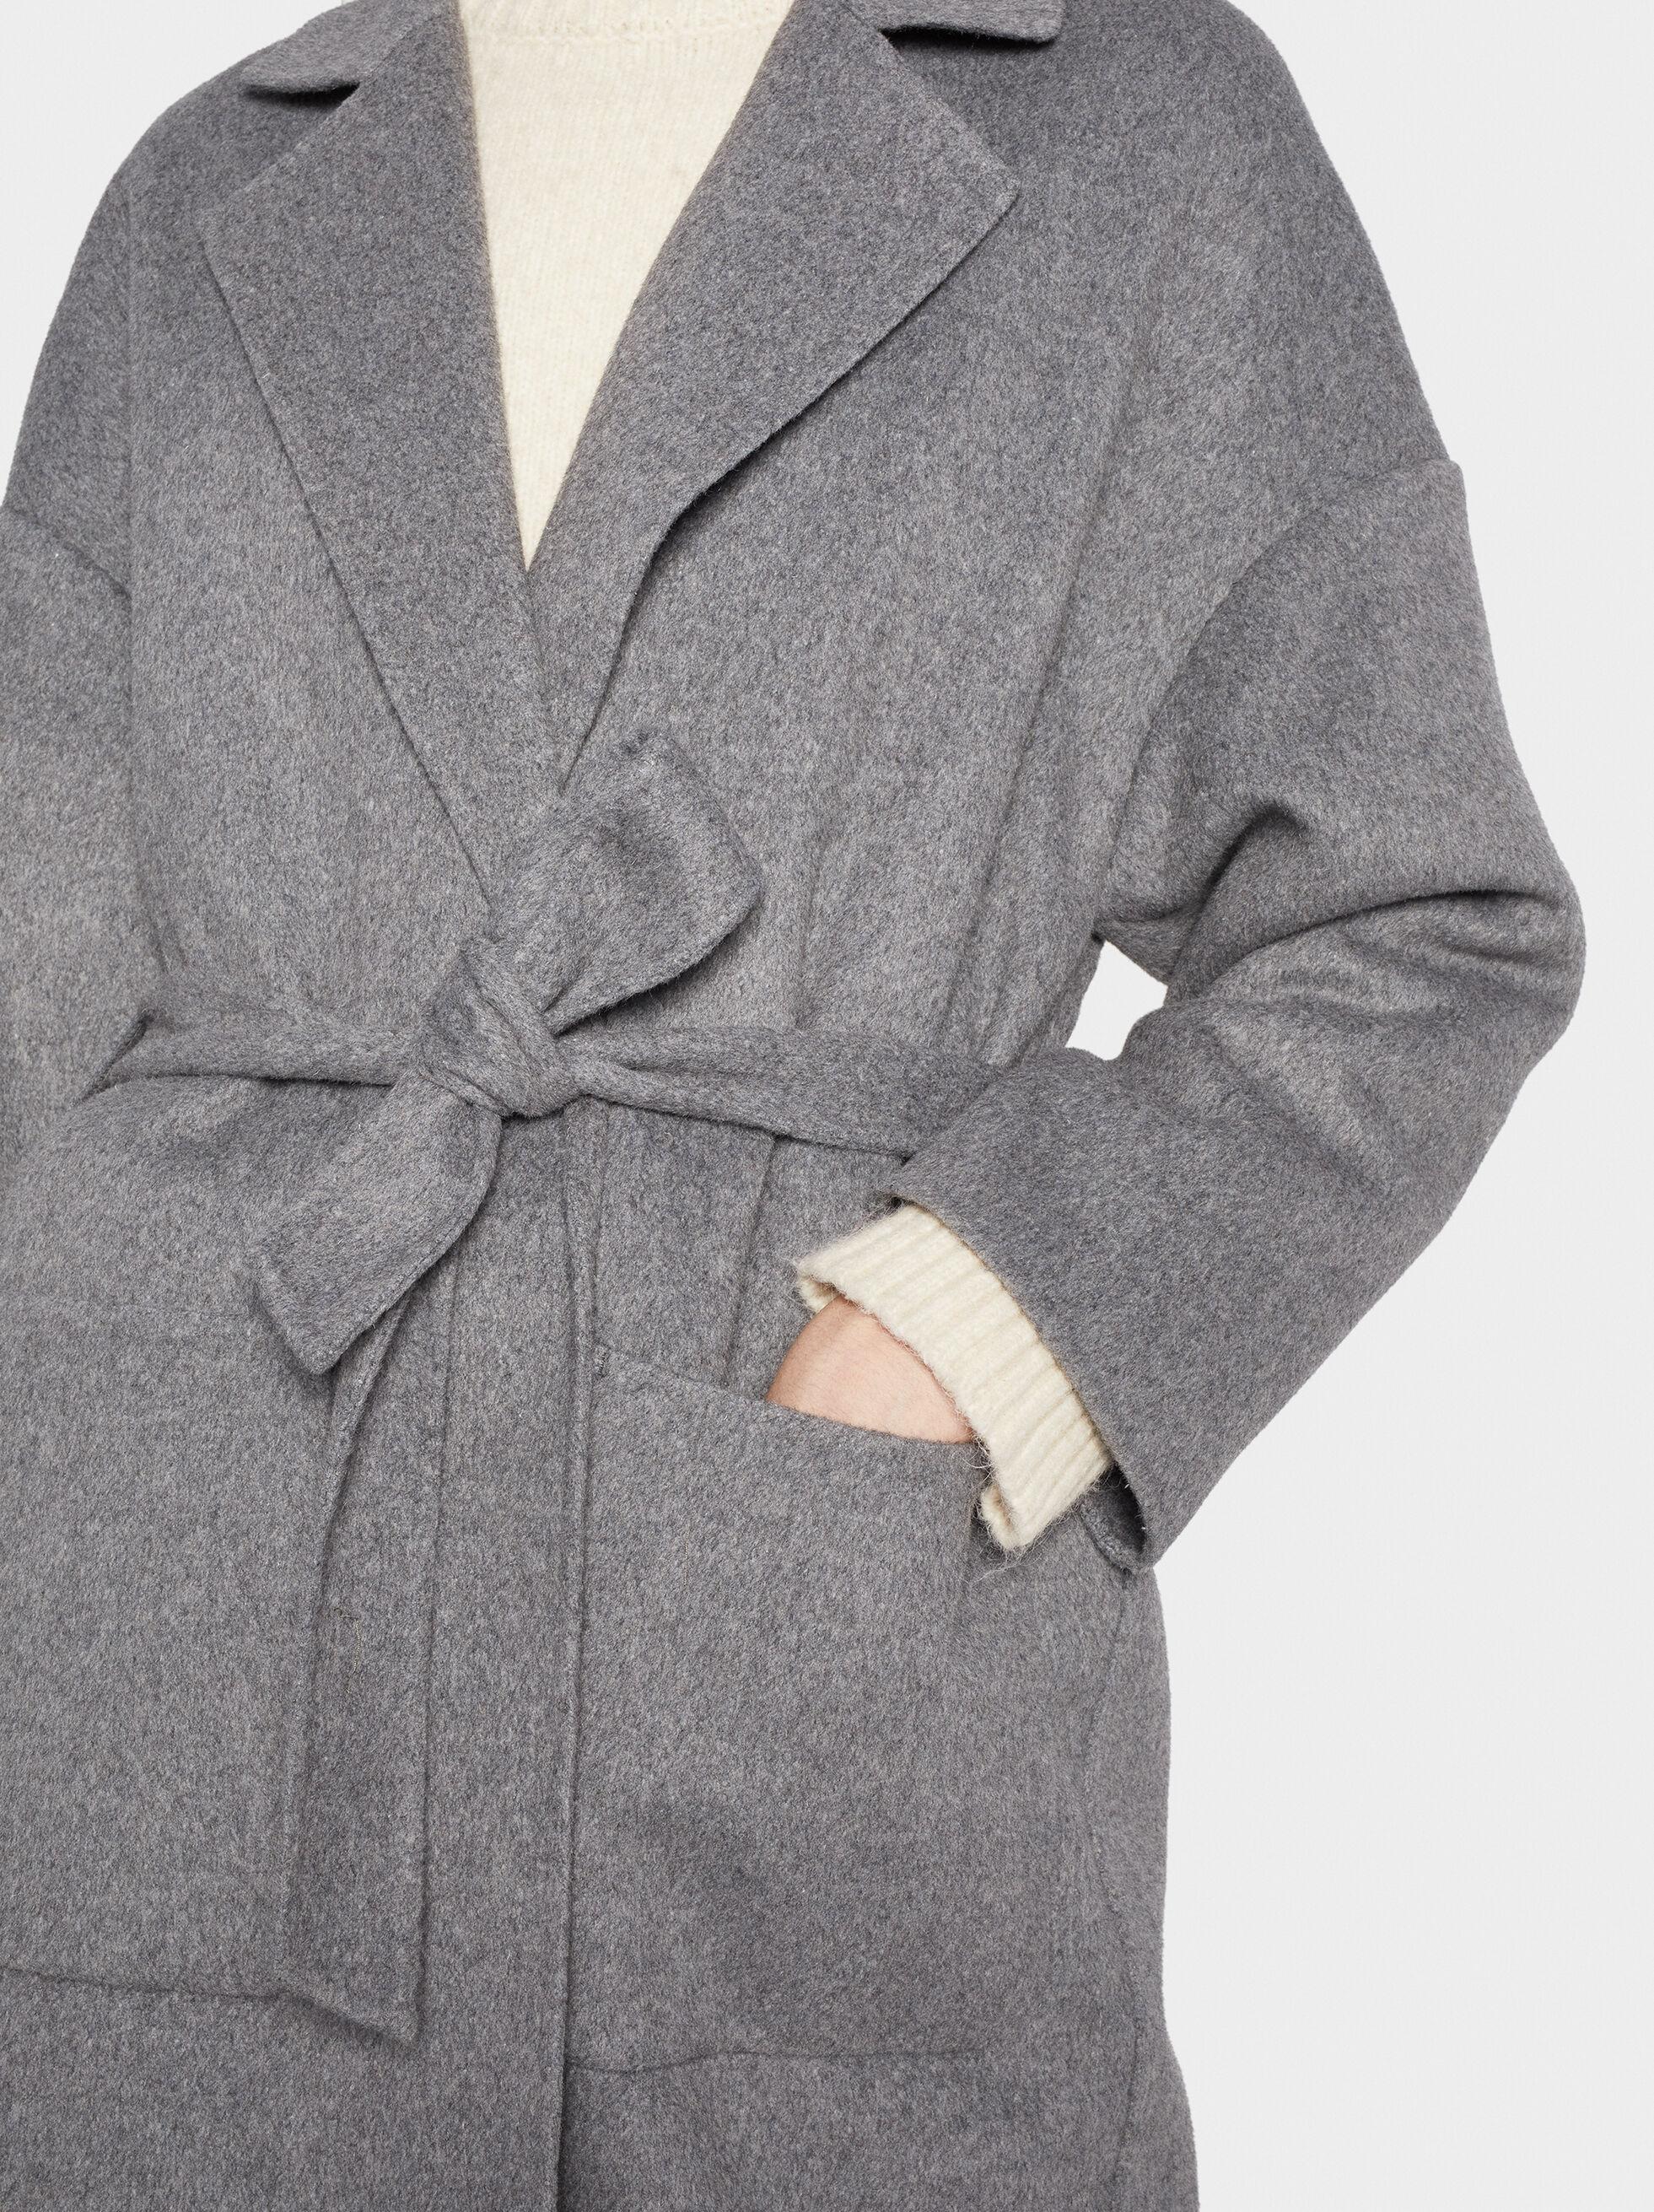 Coat With Belt, Grey, hi-res